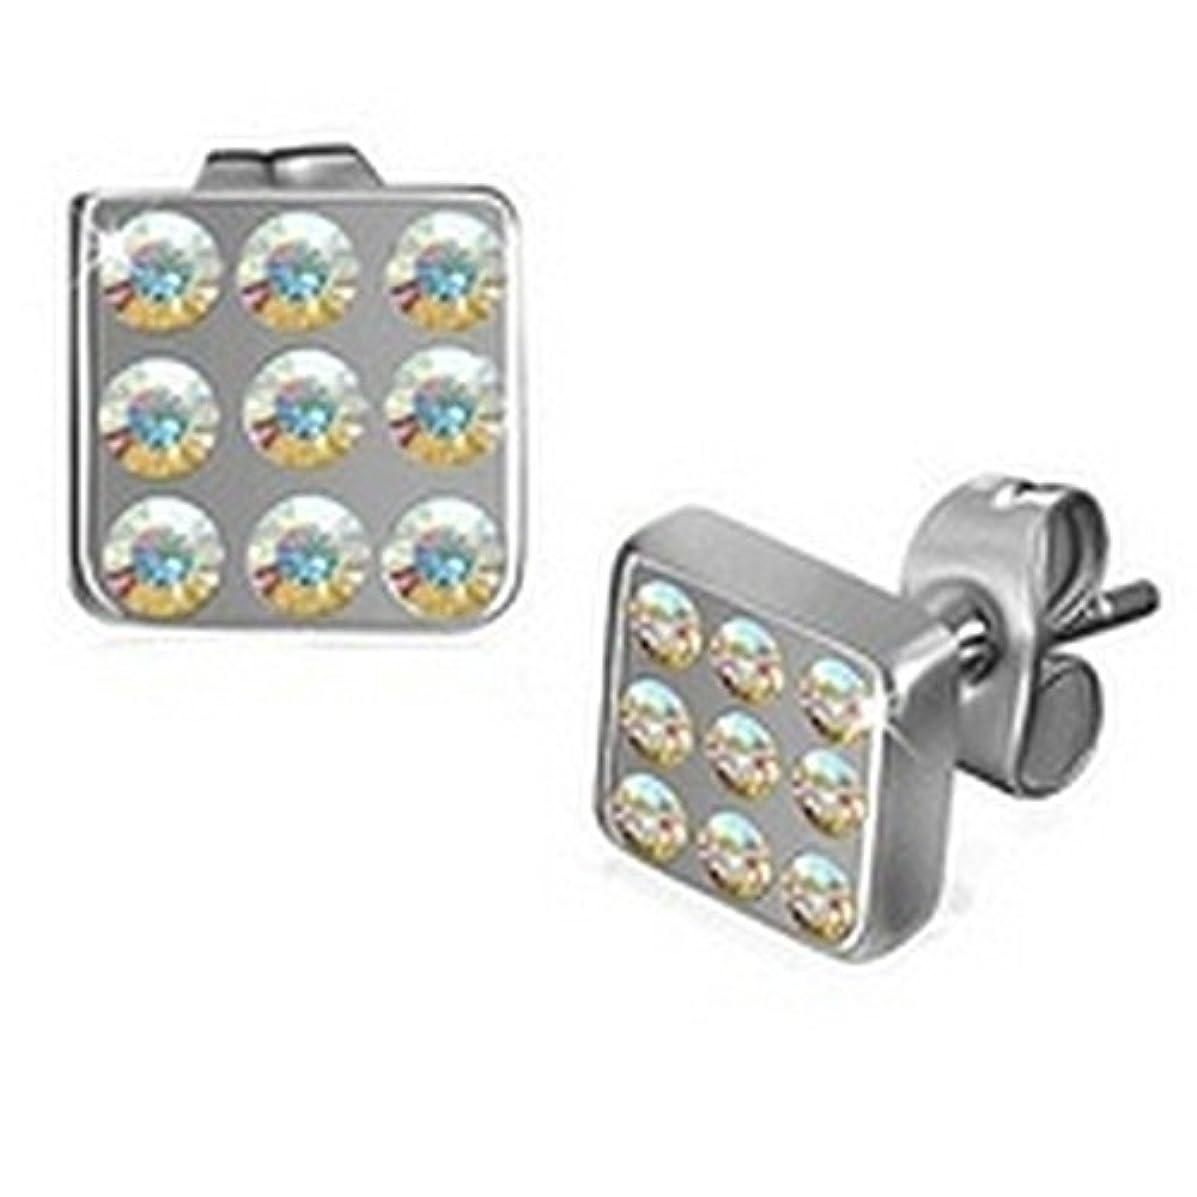 同化正しい債権者メンズステンレスPaved Deco Squareスタッドイヤリング宝石 – 6 mm直径(。23